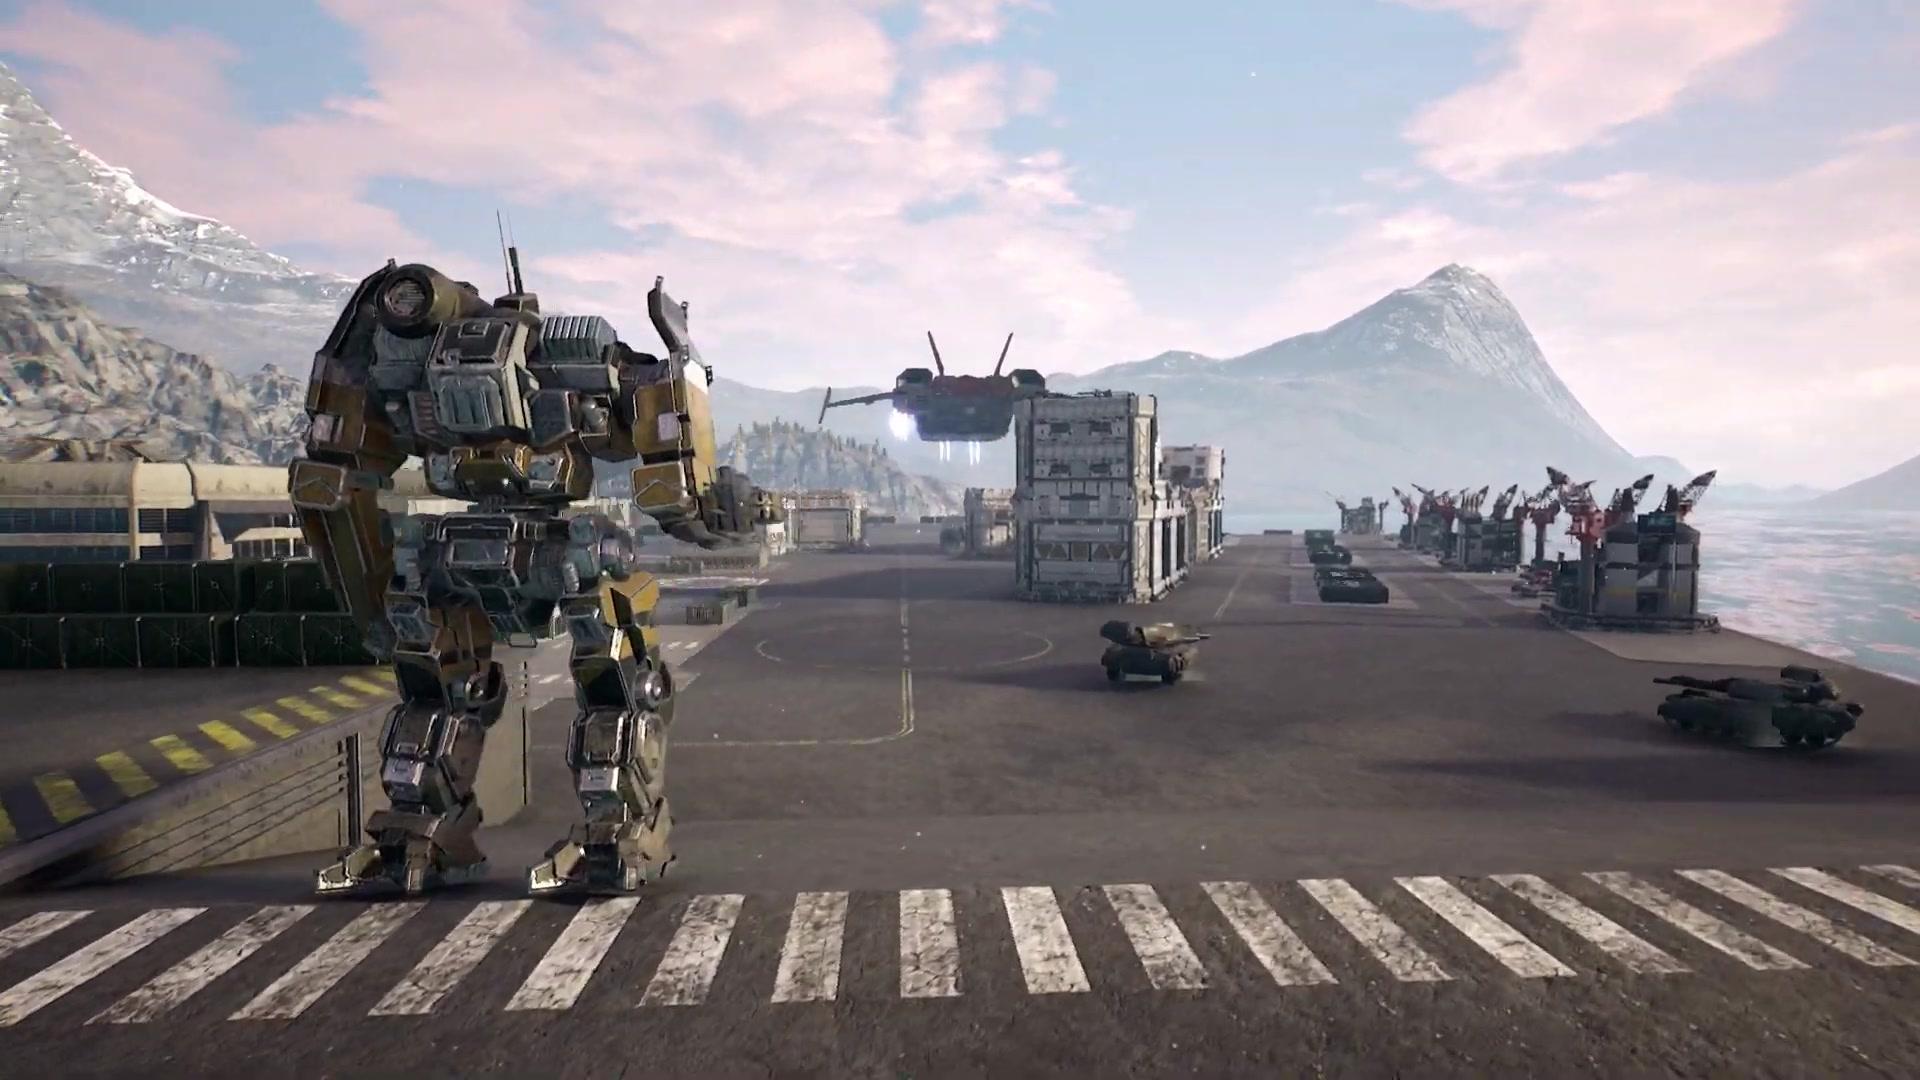 《机甲战士5:雇佣兵》 2019年9月发售 最新预告片赏